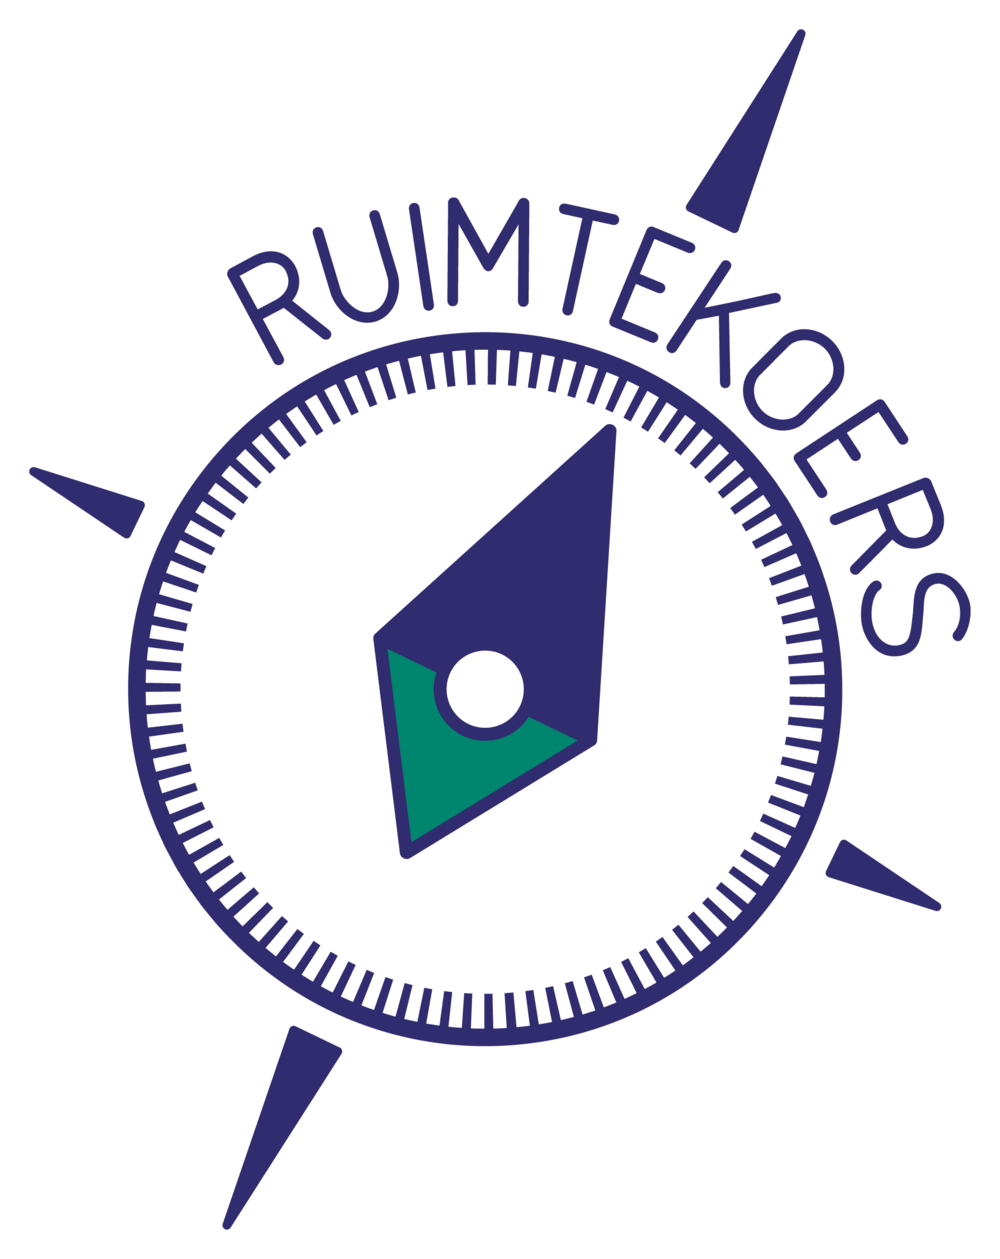 Ruimtekoers-Logo-PRINT.png